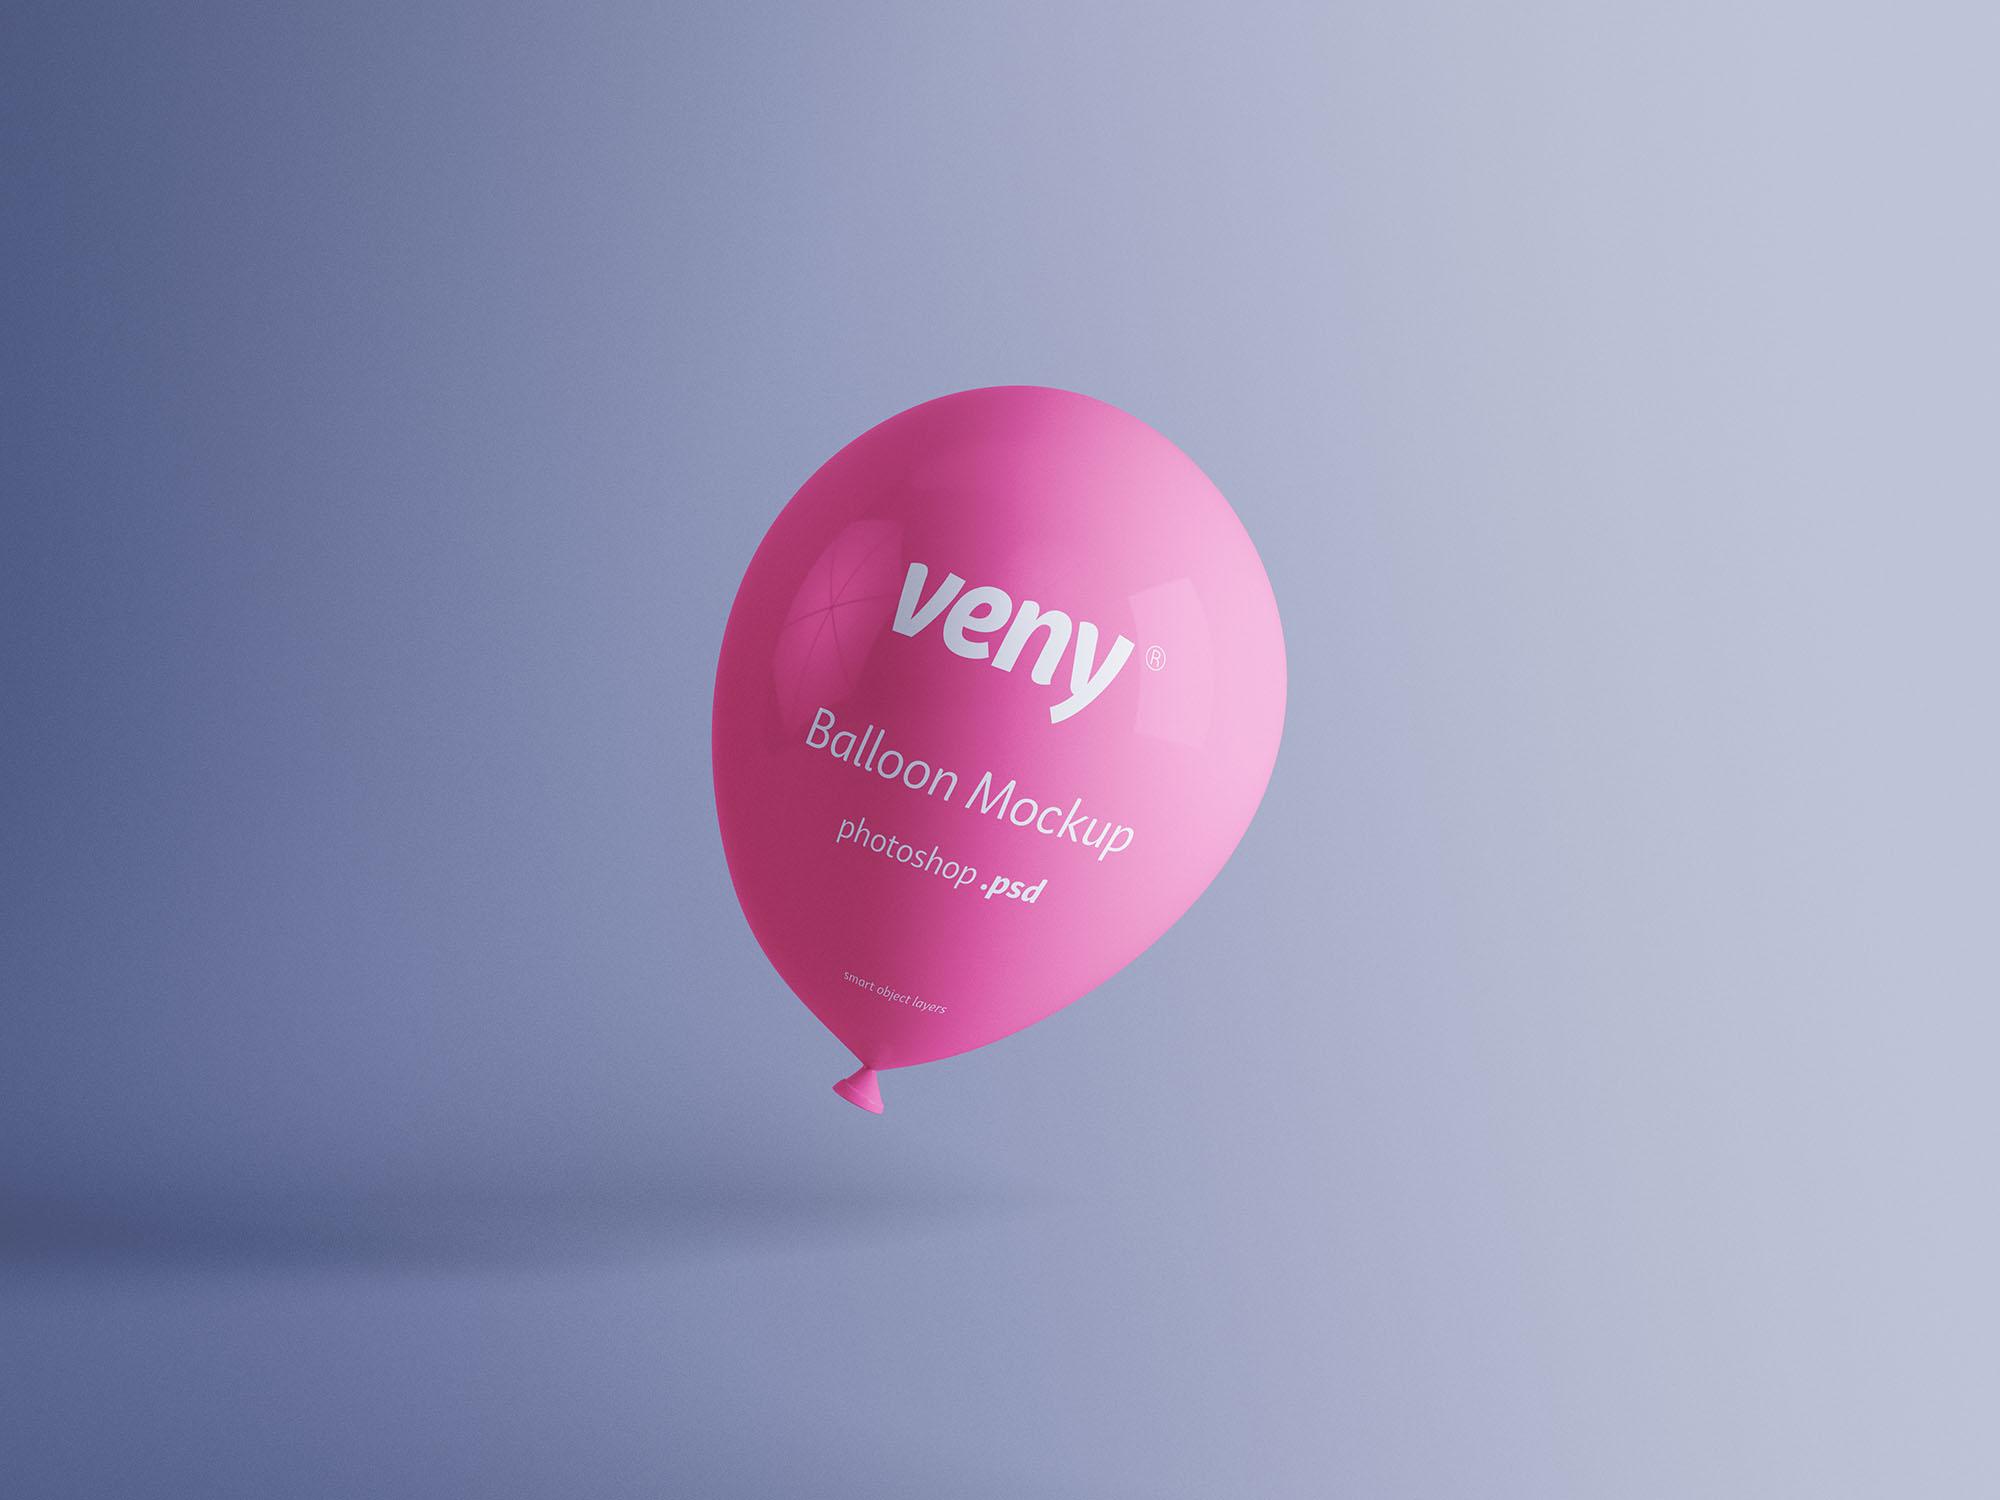 透明气球样机